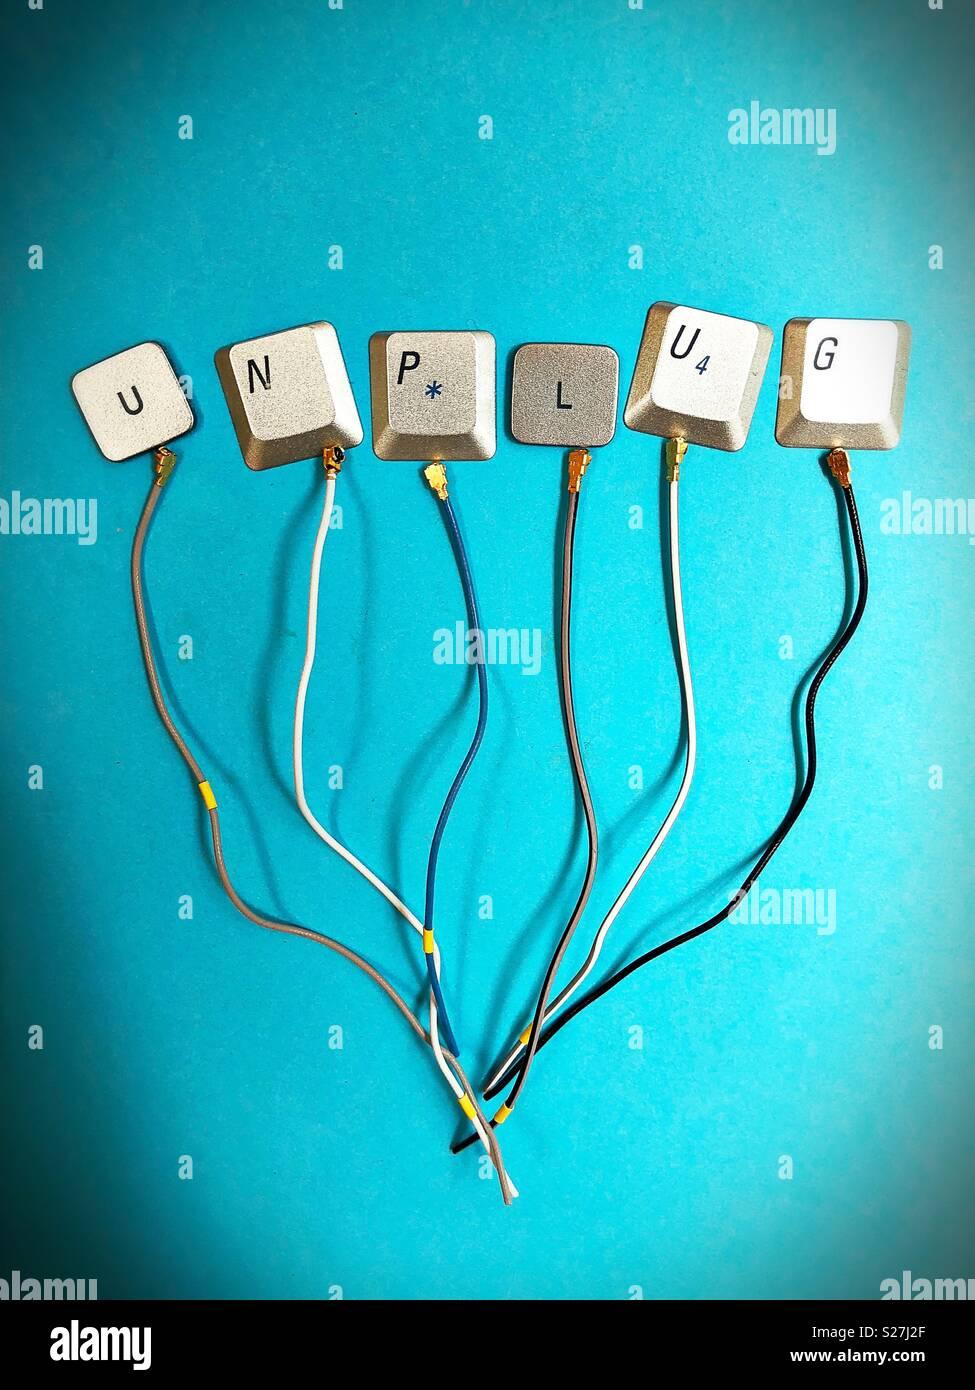 """La palabra """"desconectar"""" hecha de las teclas del teclado de la computadora y el cable. Imagen De Stock"""